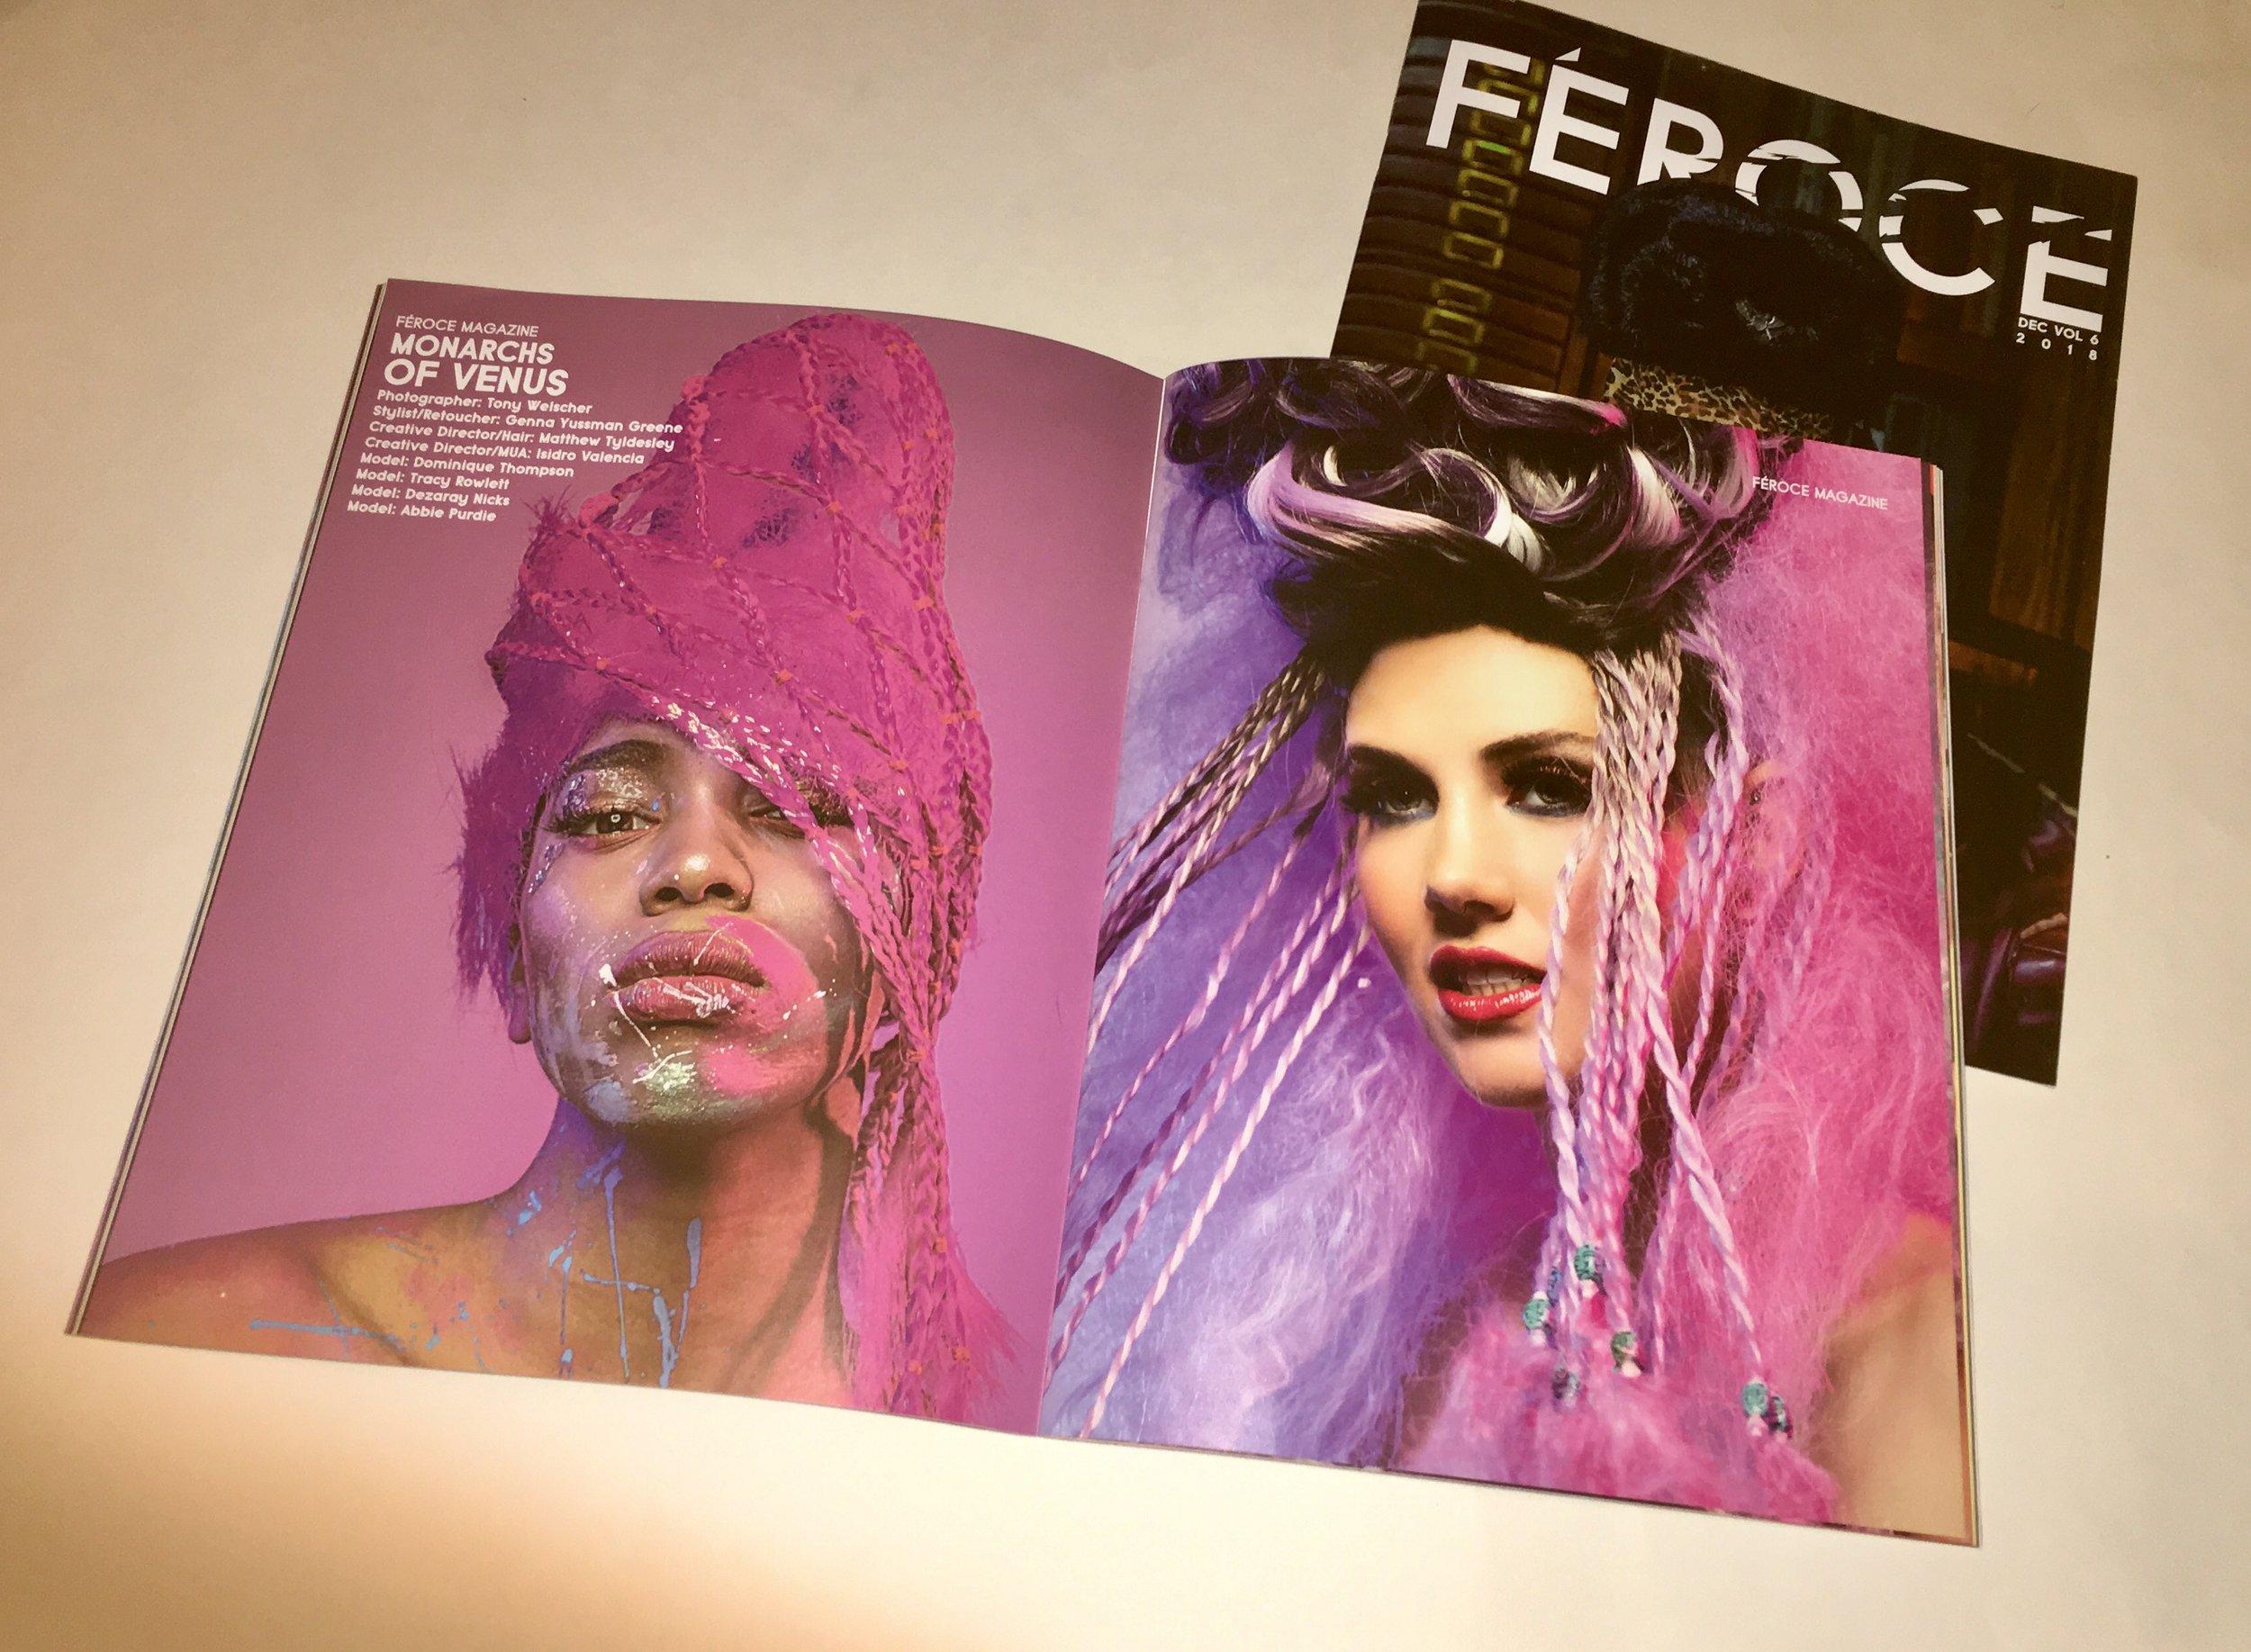 - Feroce Magazine spread